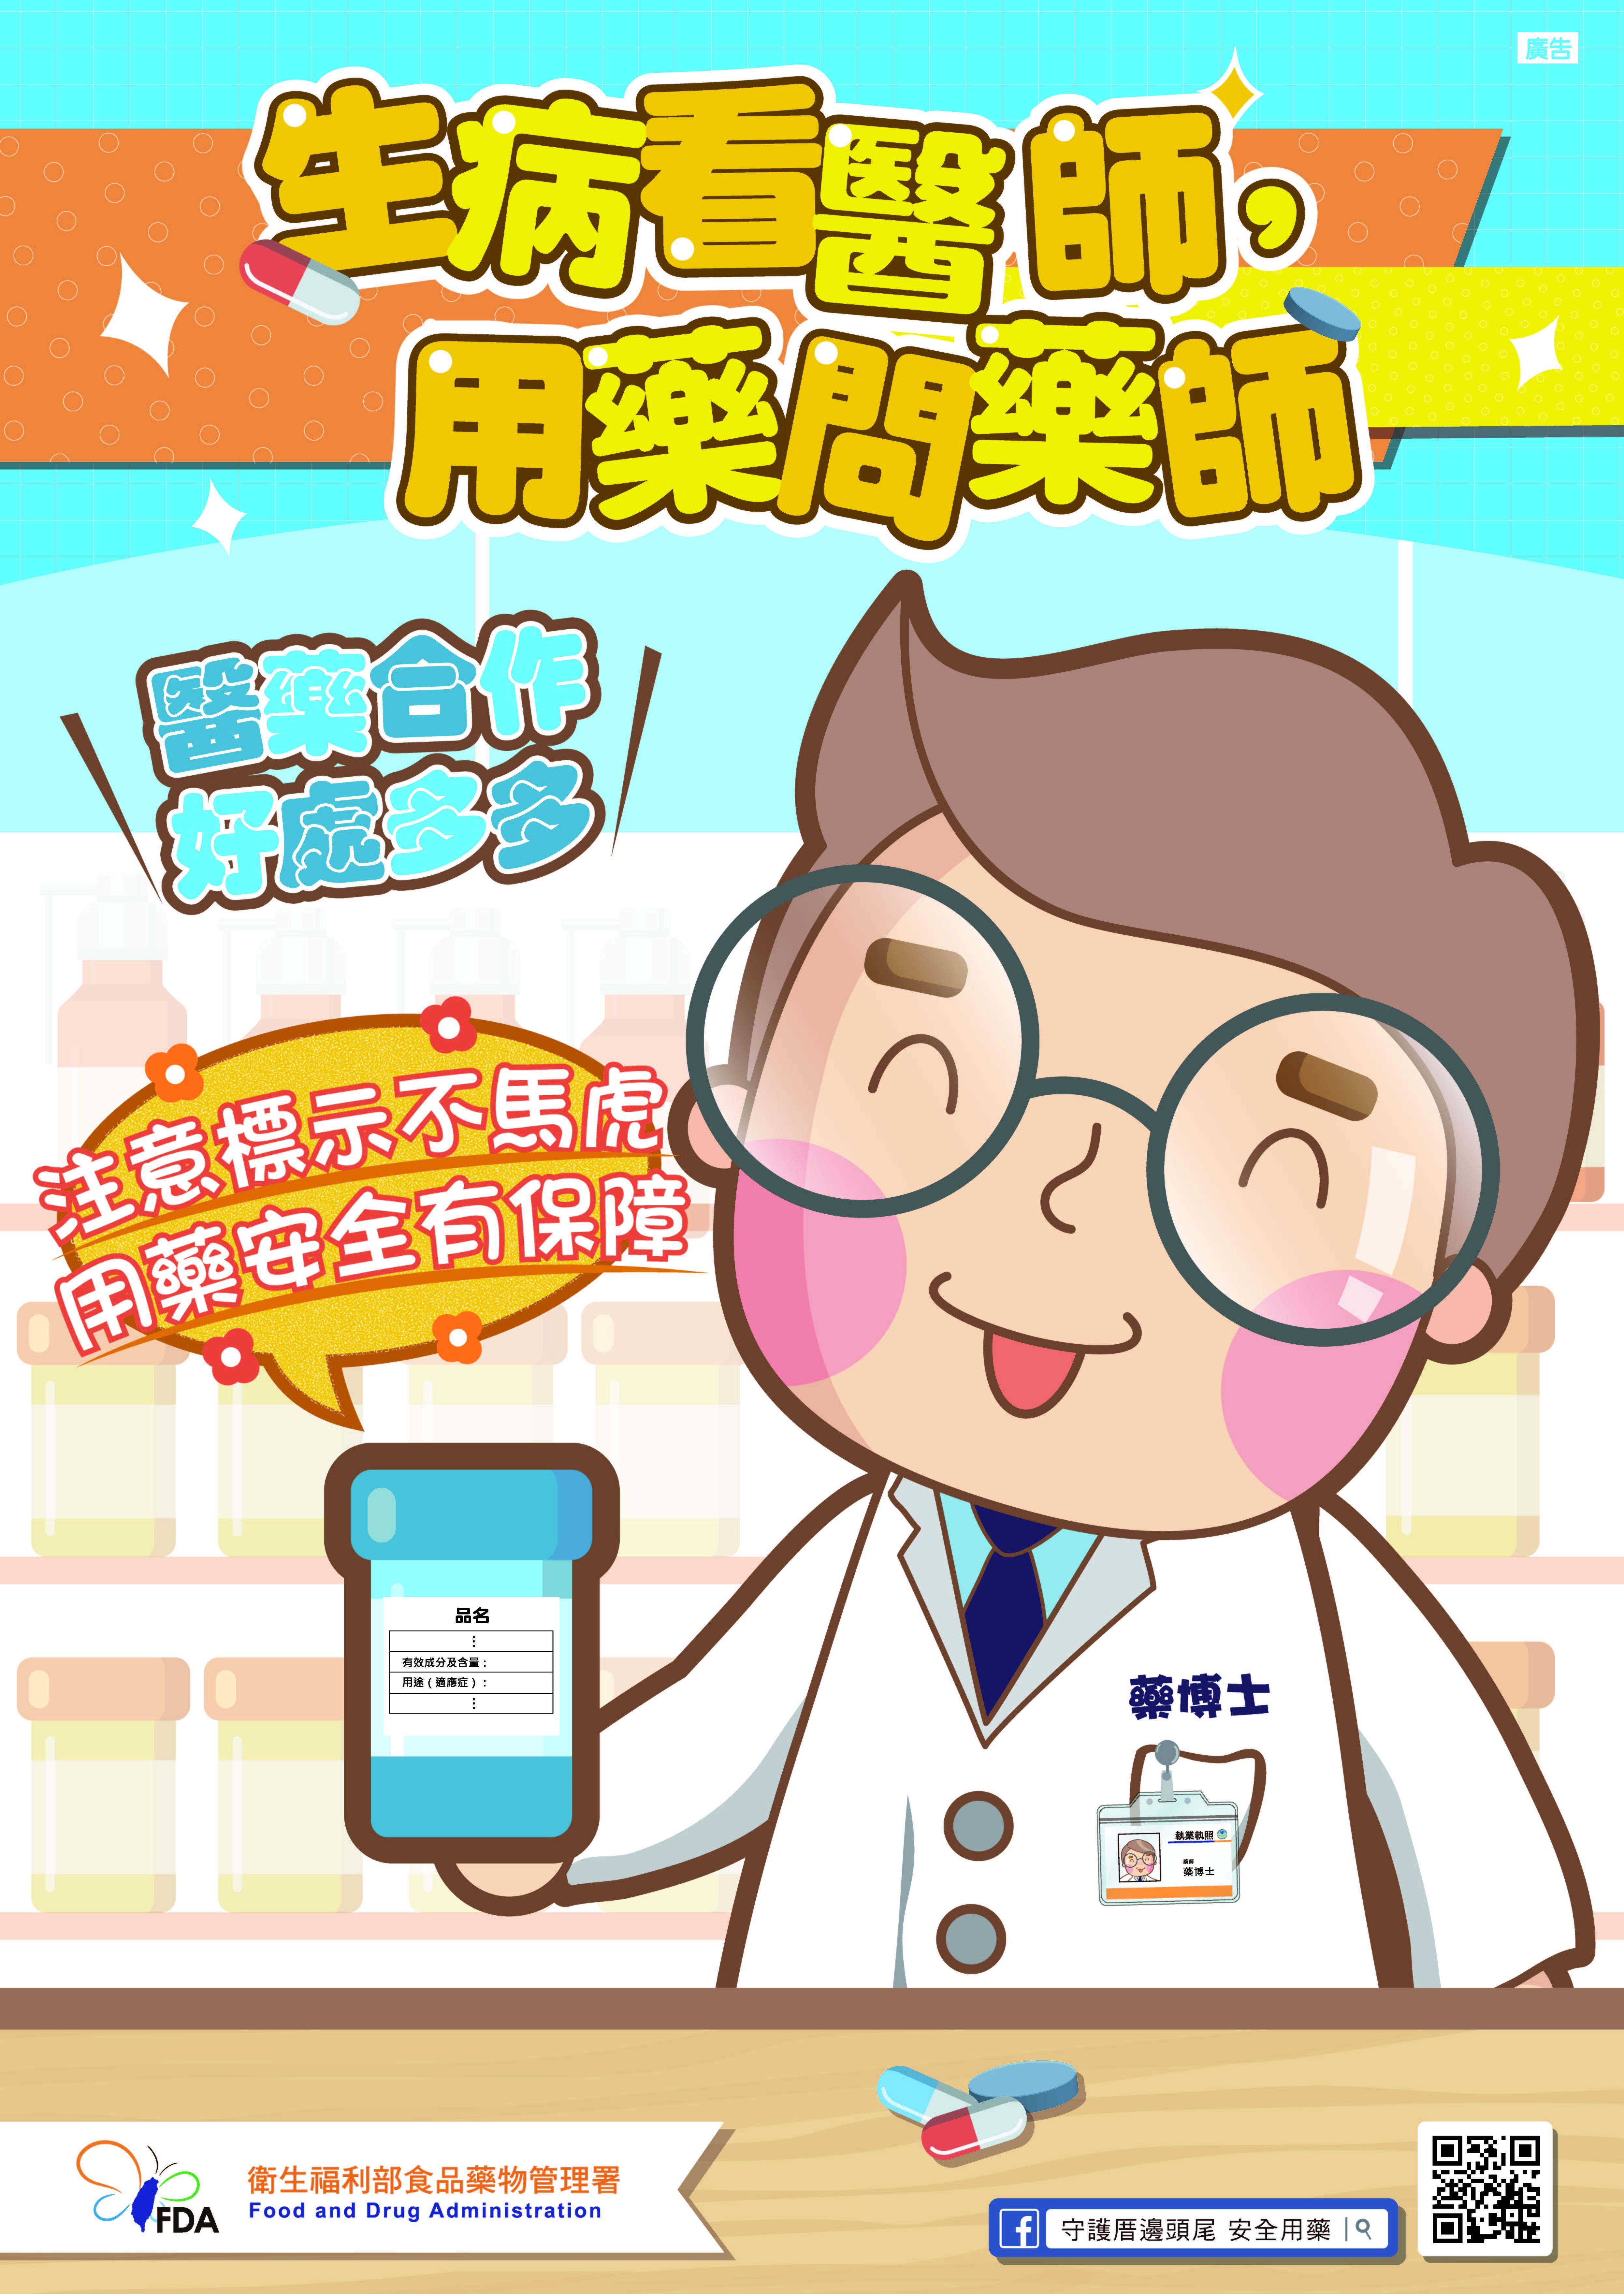 生病看醫師_用藥問藥師(圖片)